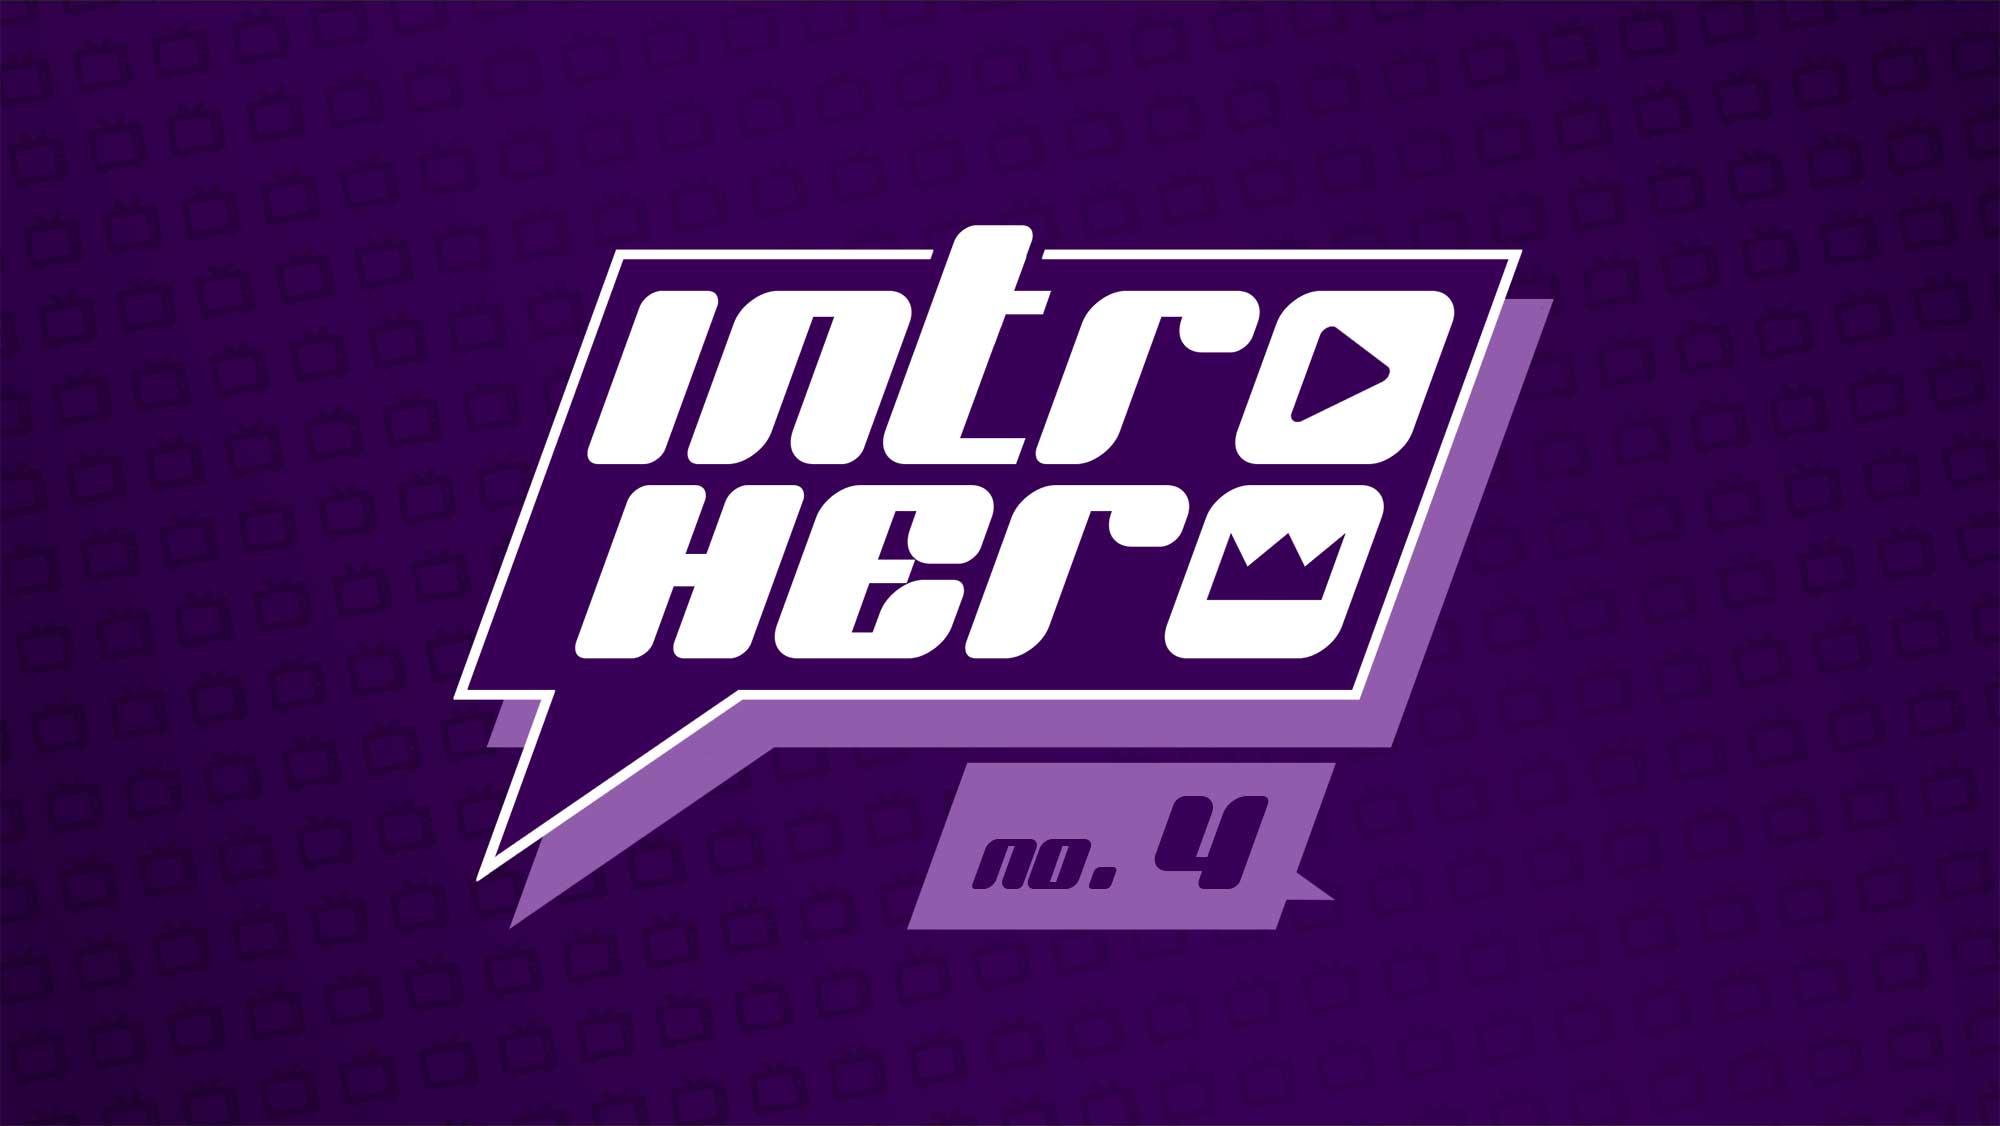 """""""Intro Hero"""" 4: Serien an der Beschreibung ihrer Intros erraten"""